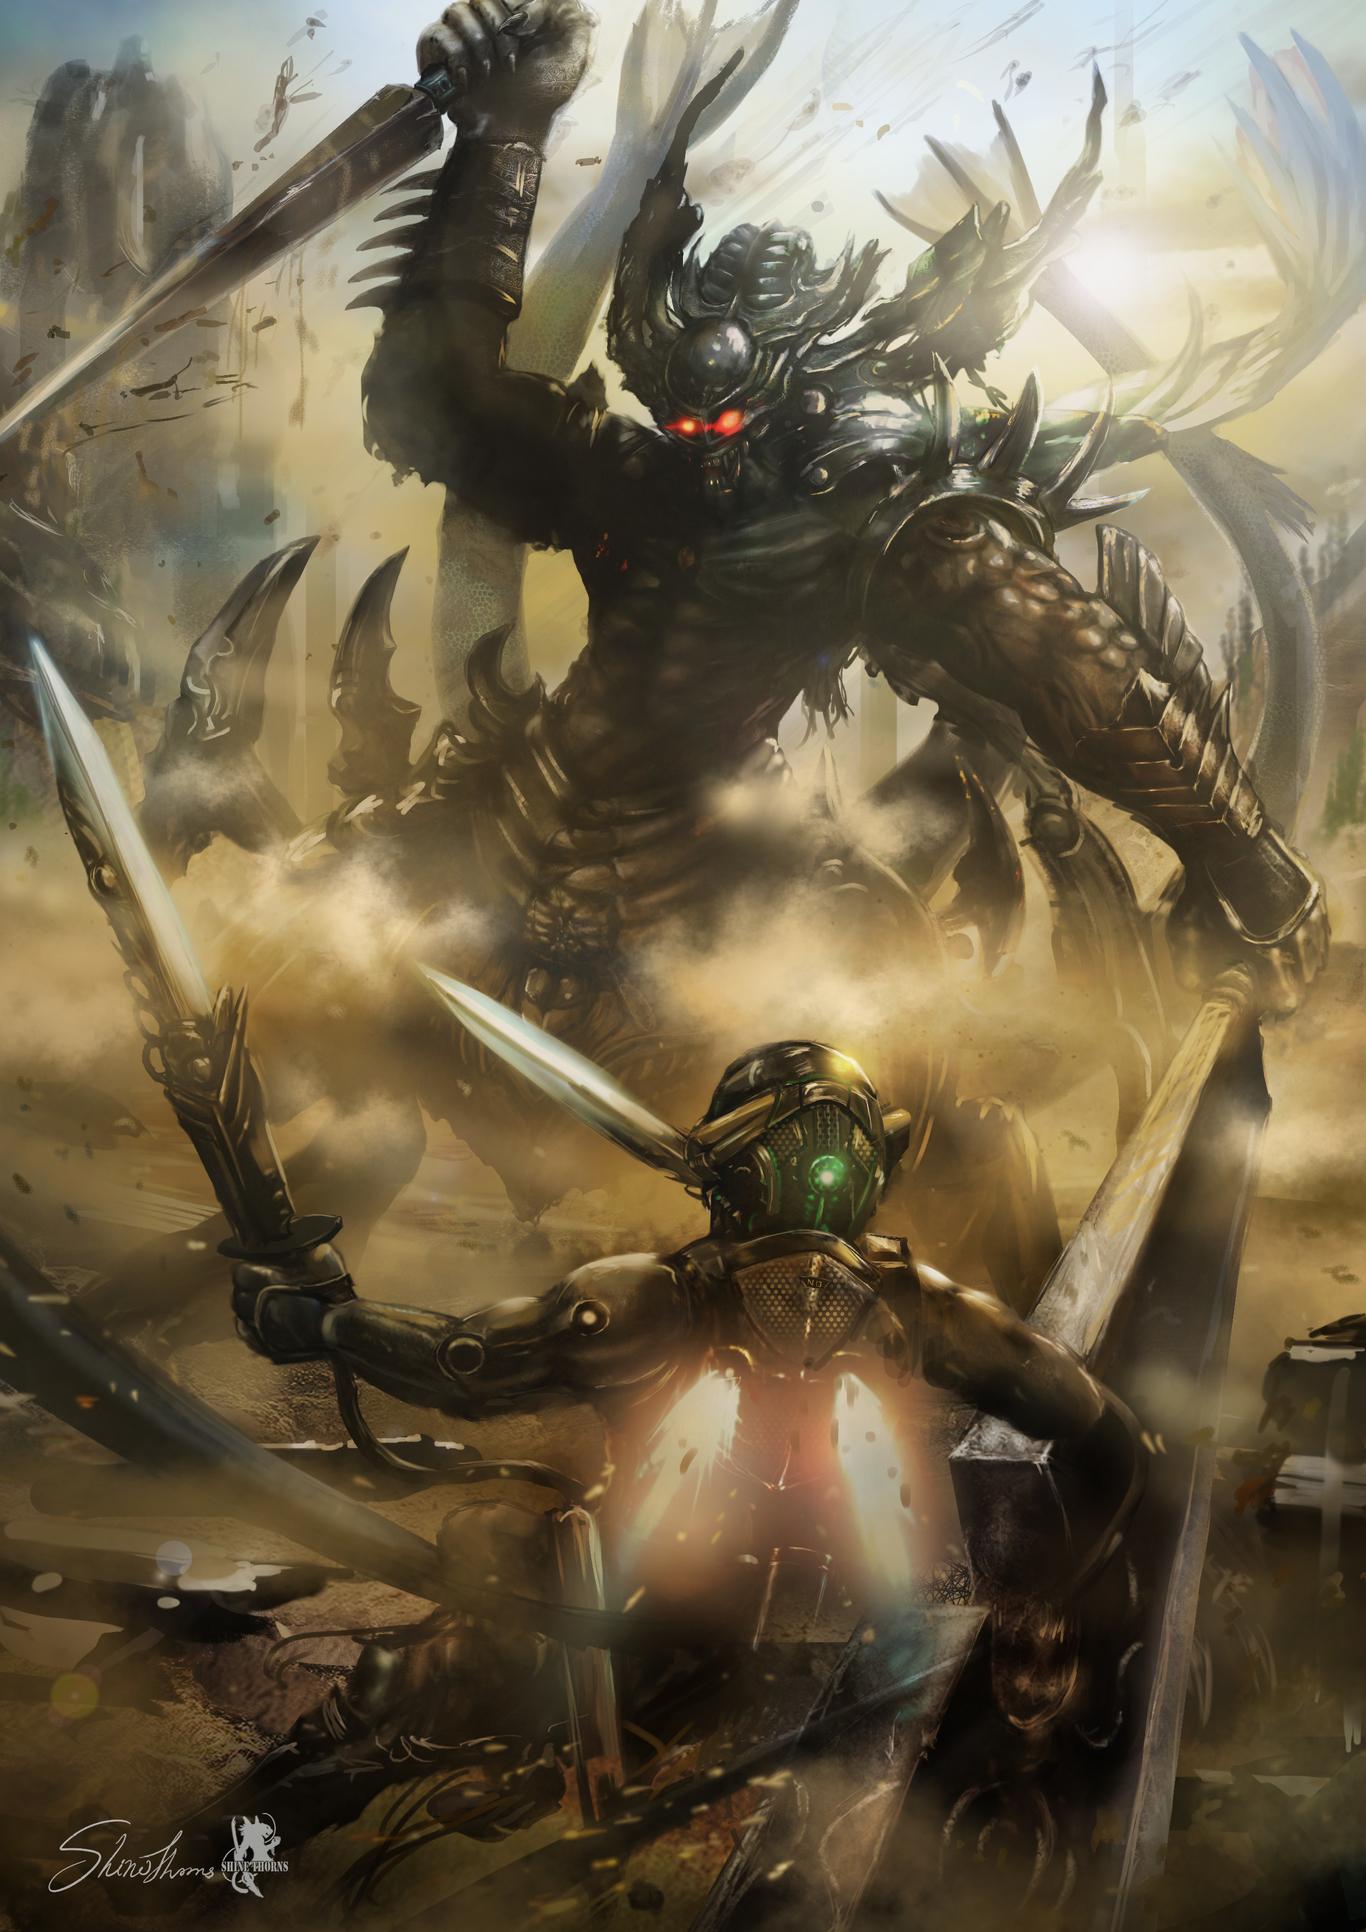 Shinethorns battle 1 f091993a 06r0